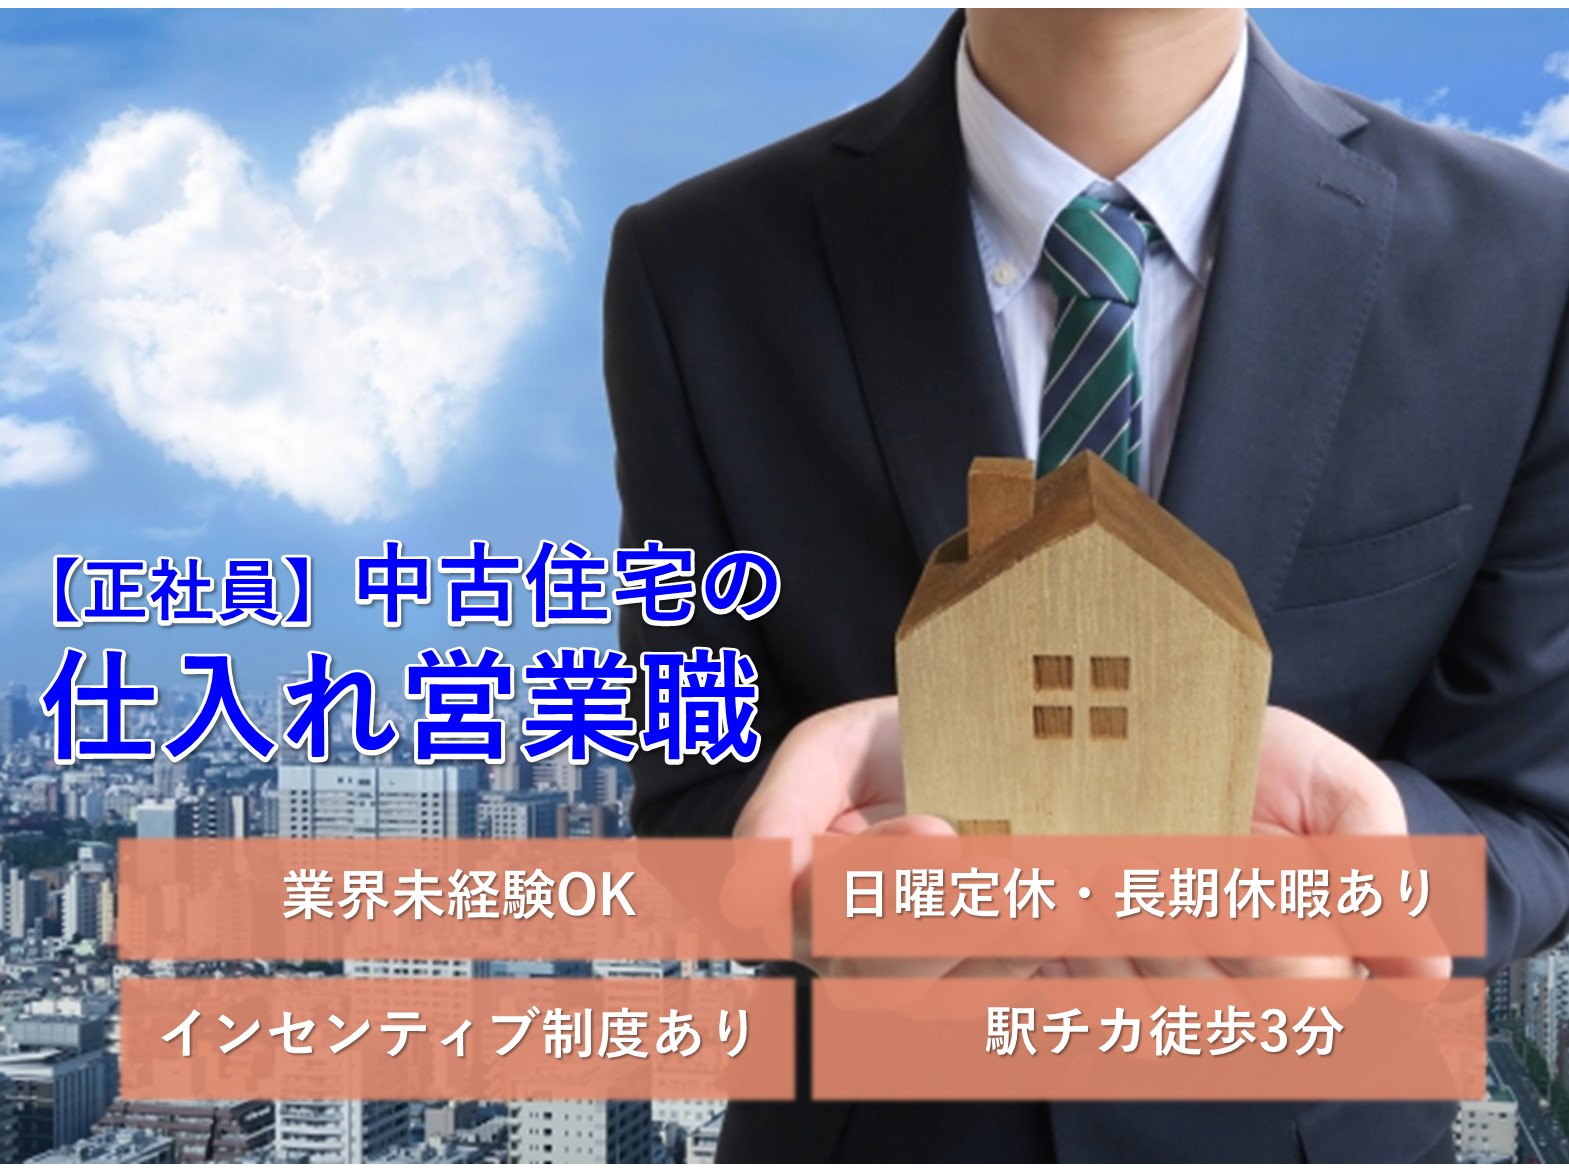 【正社員】業界未経験OK!やりがい充分!中古住宅の仕入れ営業職 イメージ